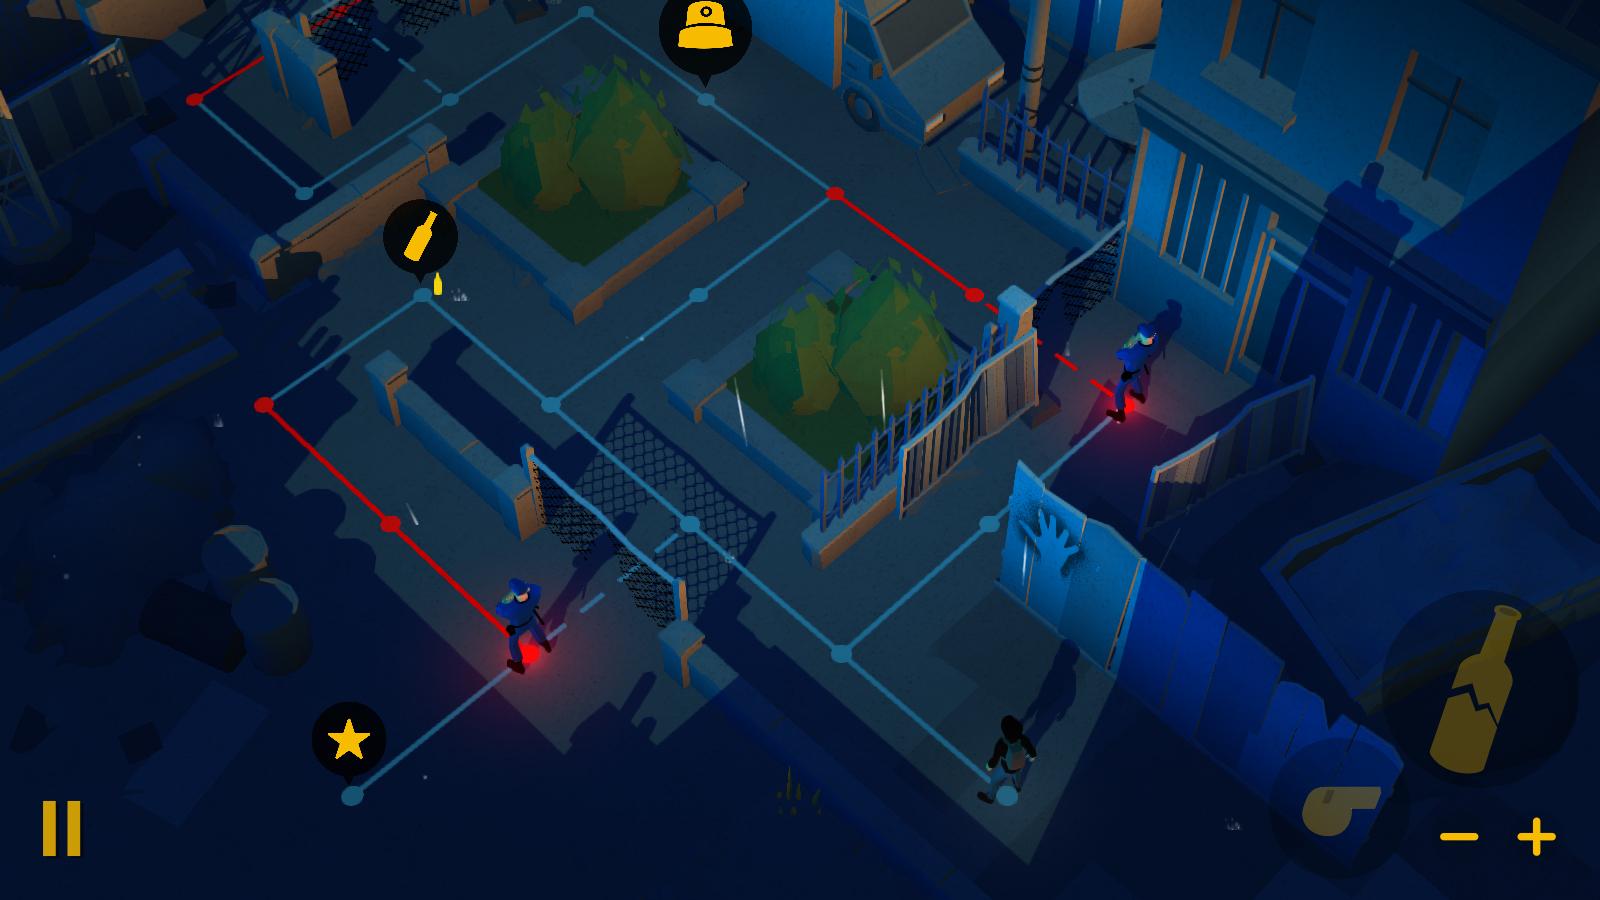 vandals deux policiers arte graffiti - Vandals, le jeu vidéo qui vous met dans la peau (et les ennuis) d'un graffeur